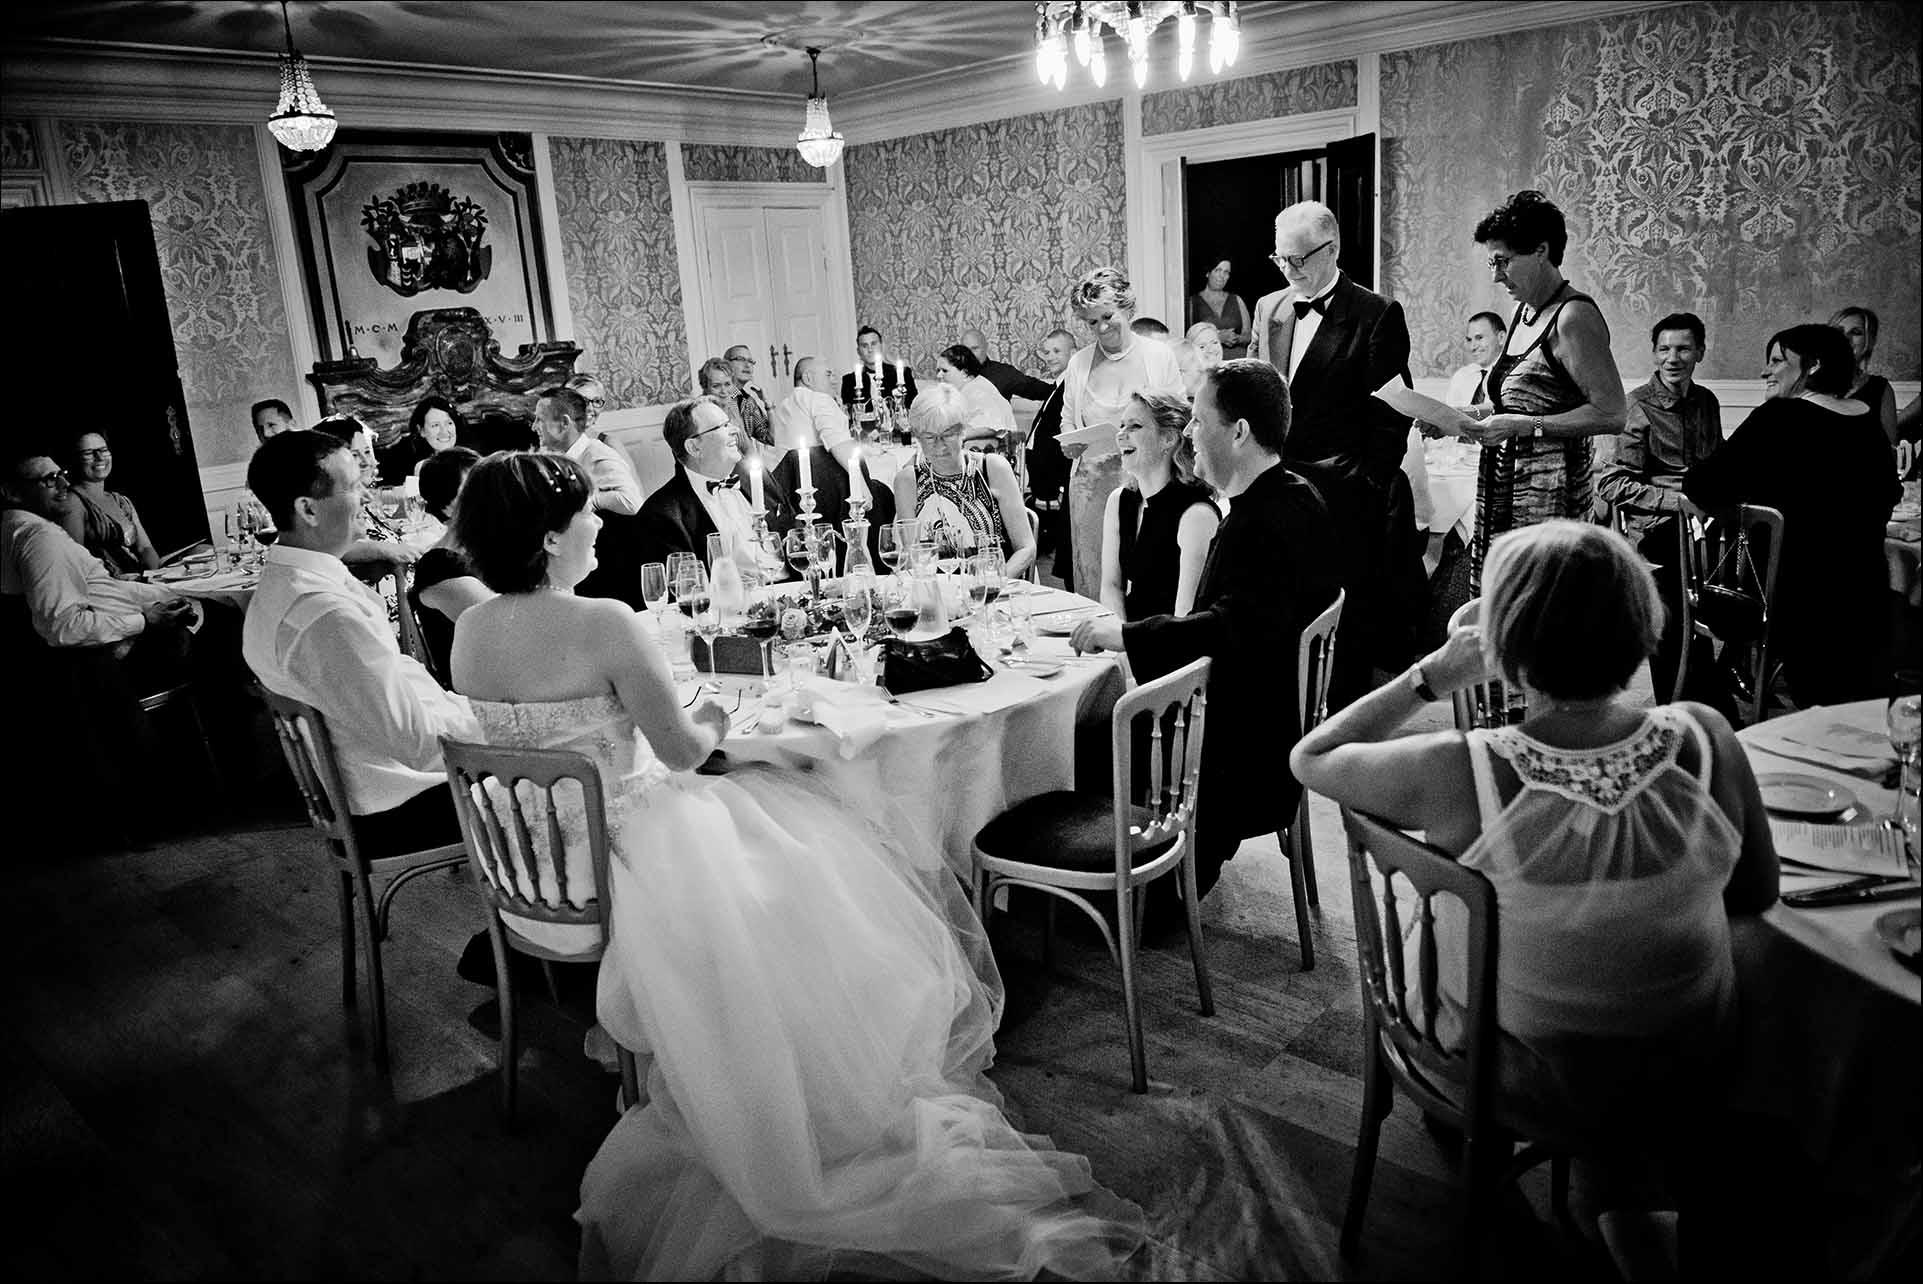 De 130 bedste billeder fra Bryllupsfotograf Fyn